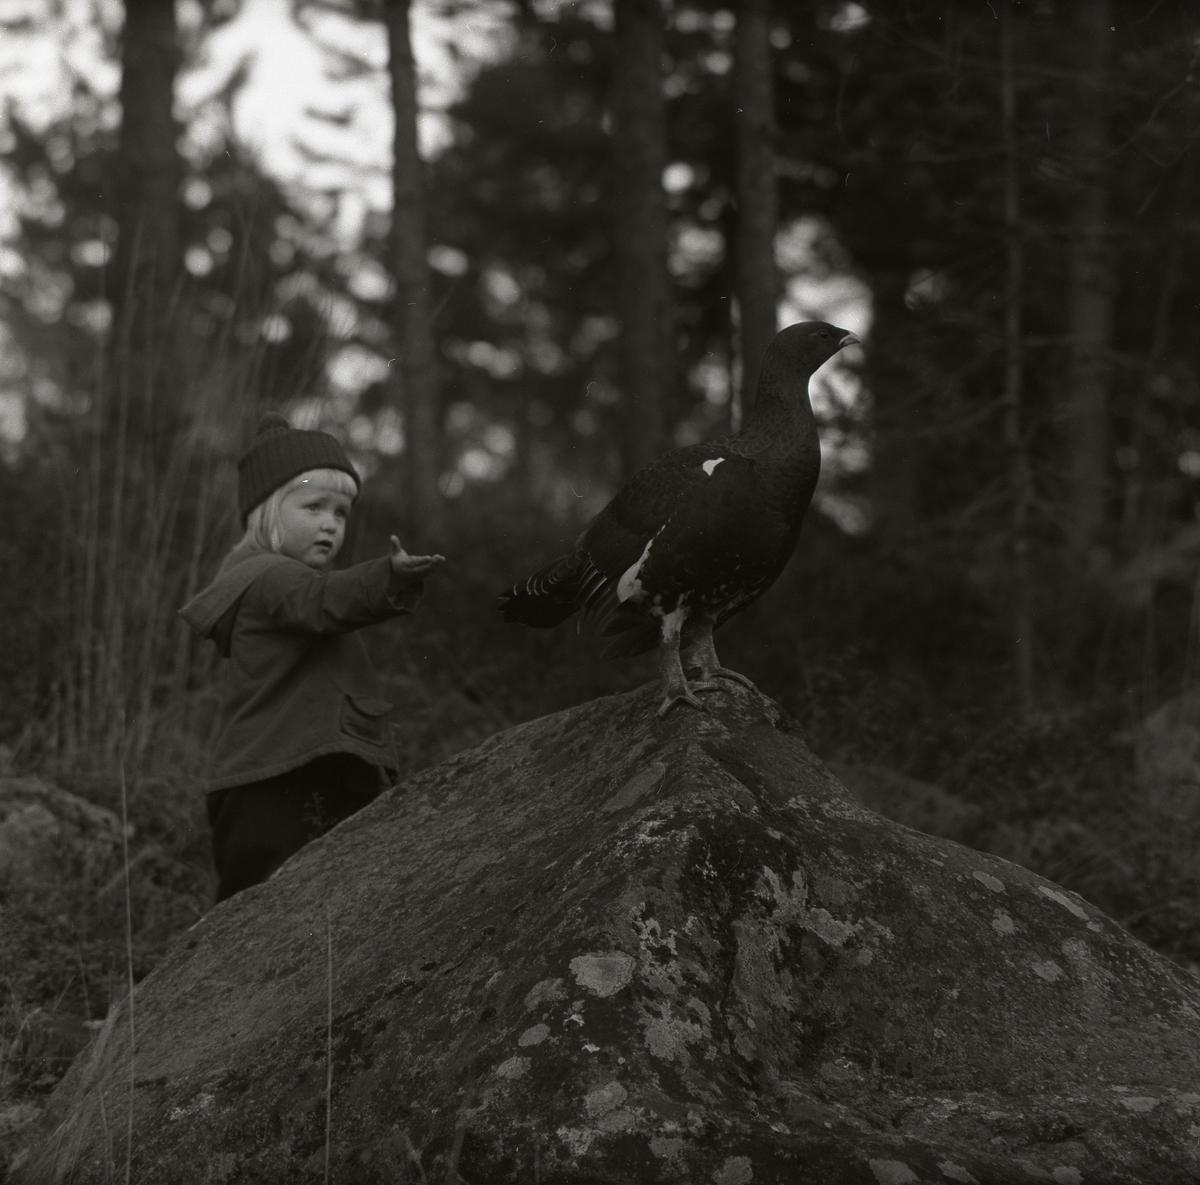 Ett barn står i skogen och sträcker ut handen mot en tjäder som sitter på en sten 22 oktober 1957.